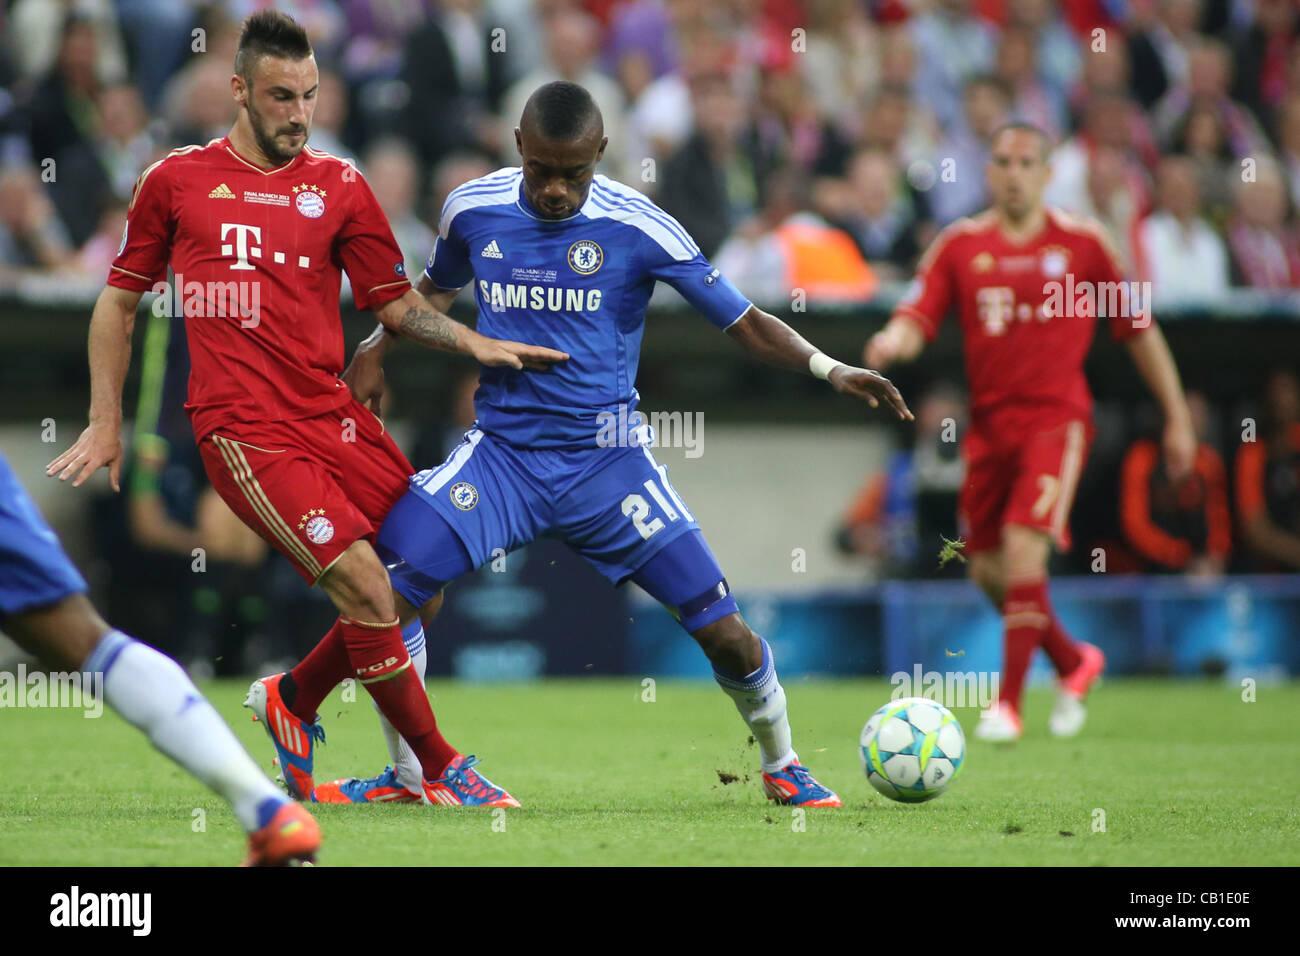 19/05/2012 Monaco di Baviera, Germania. Il Bayern tedesco della defender Diego contento e Chelsea, in Costa d'Avorio Immagini Stock